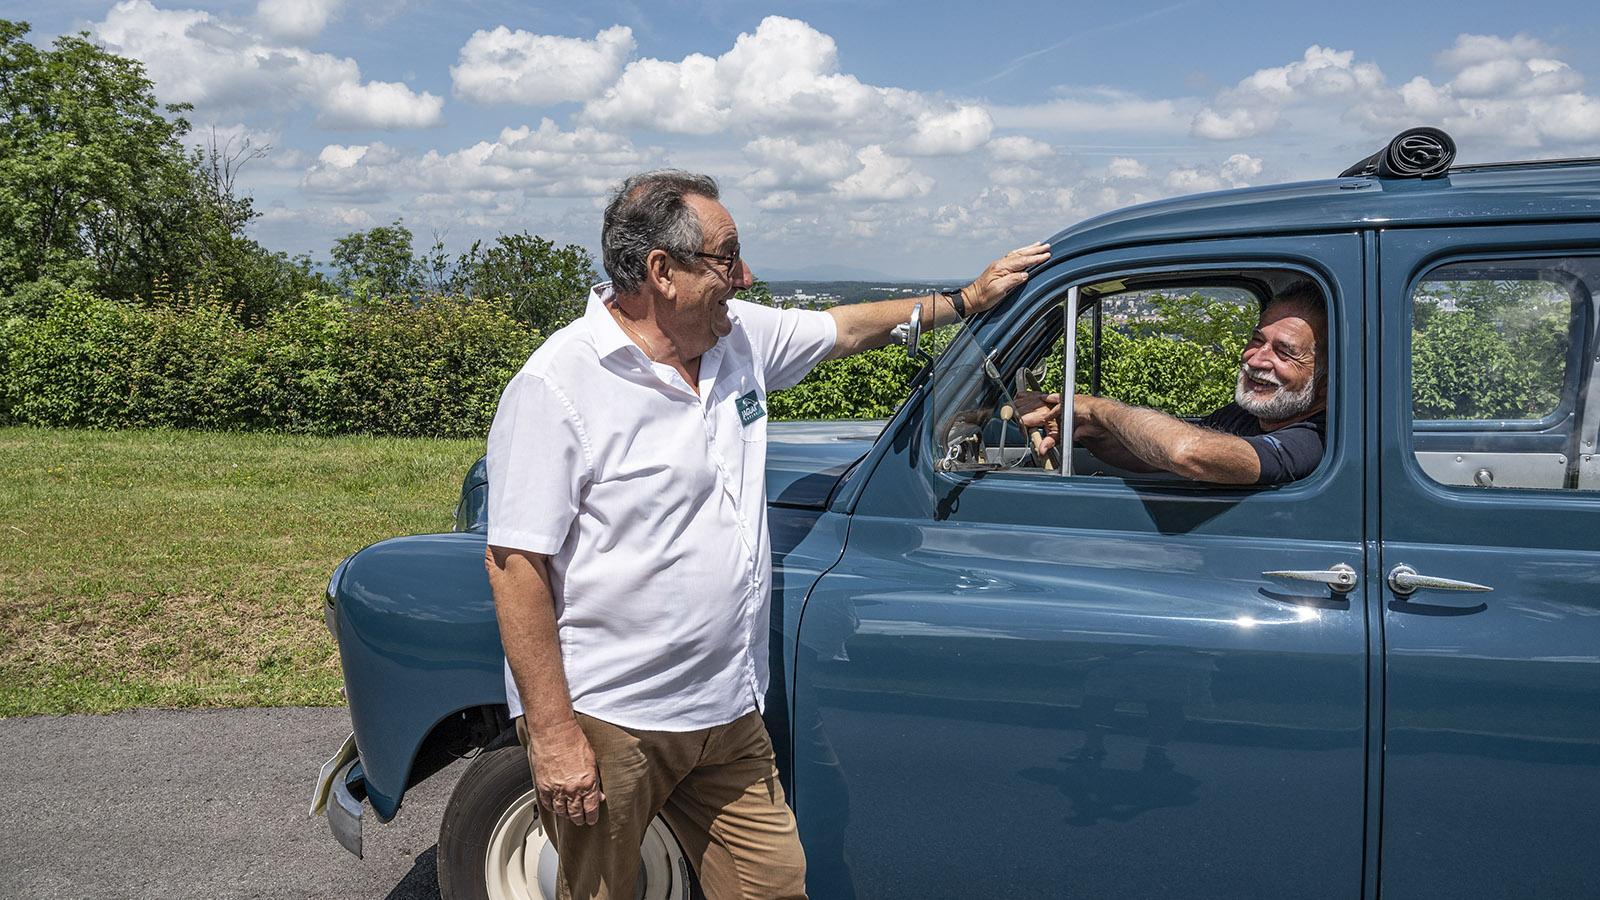 Jean-Luc Tissot (l.) und Denis Pechin vom Club des Vieux Volants Franc-Comtois de Sochaux starten zu historischen Rundfahrten durch das <em>Pays de Montbéliard</em>. Foto: Hilke Maunder